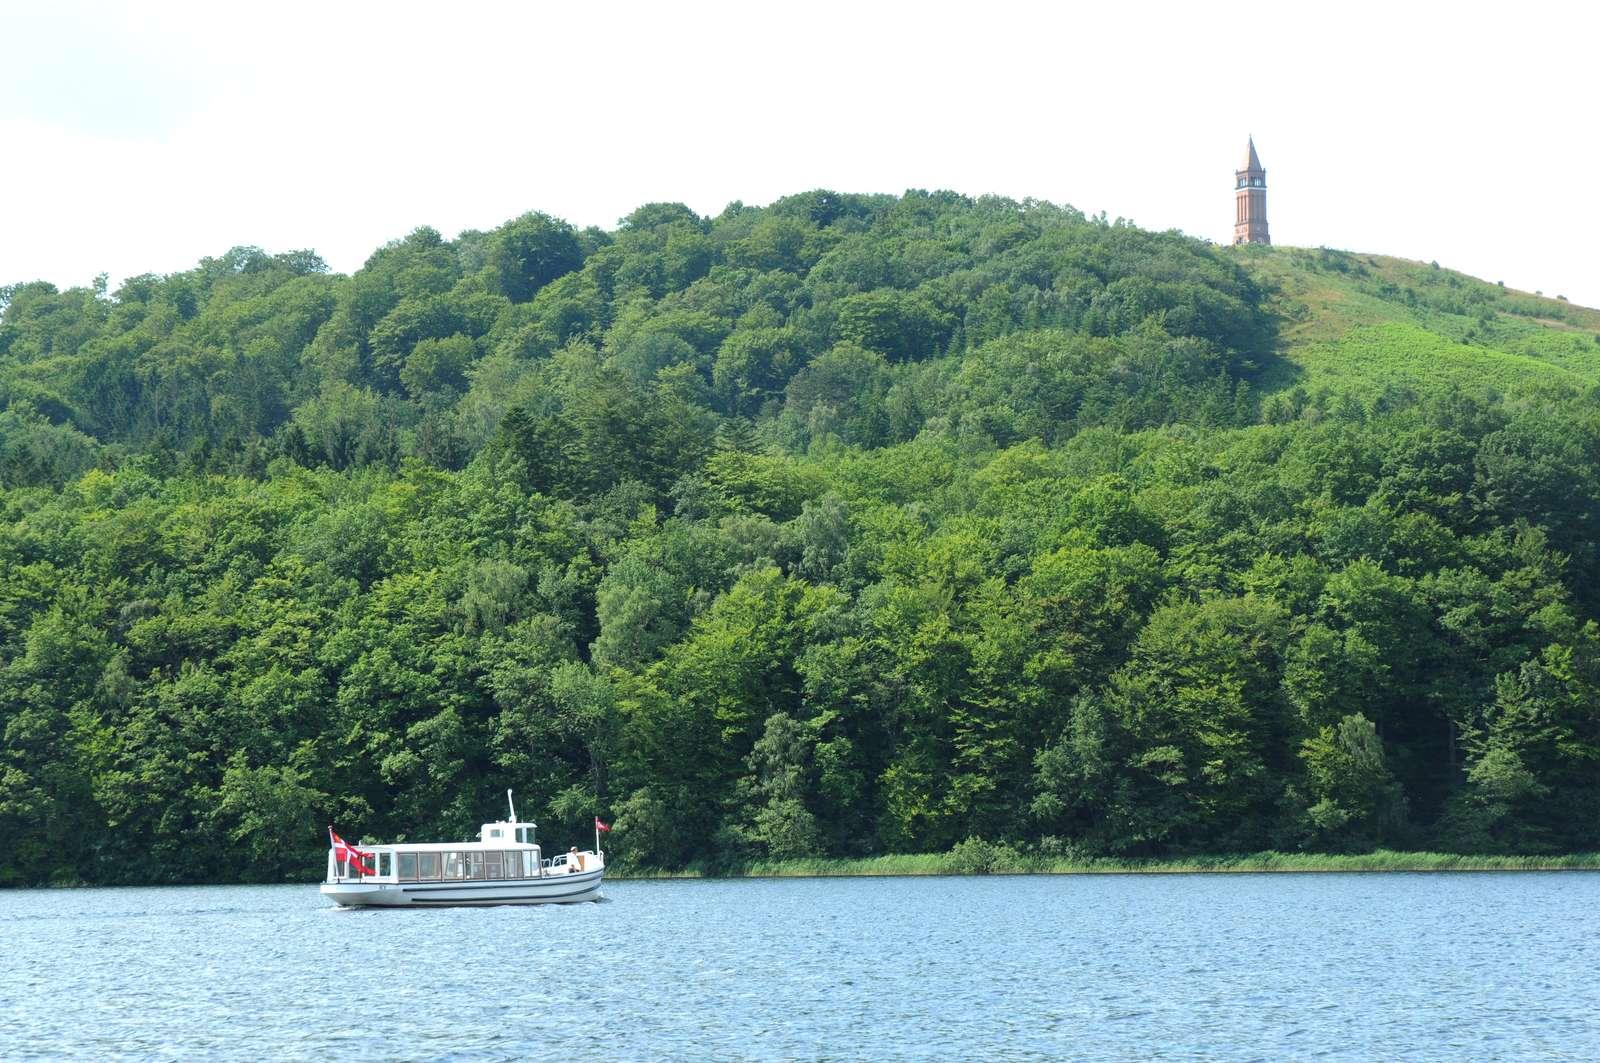 Søhøjlandet med Himmelbjerget i baggrunden er blandt Skanderborgs mest kendte turistattraktioner. Skanderborg bliver fra årsskiftet nyeste medlem af VisitAarhus-samarbejdet. Pressefoto: VisitSkanderborg.